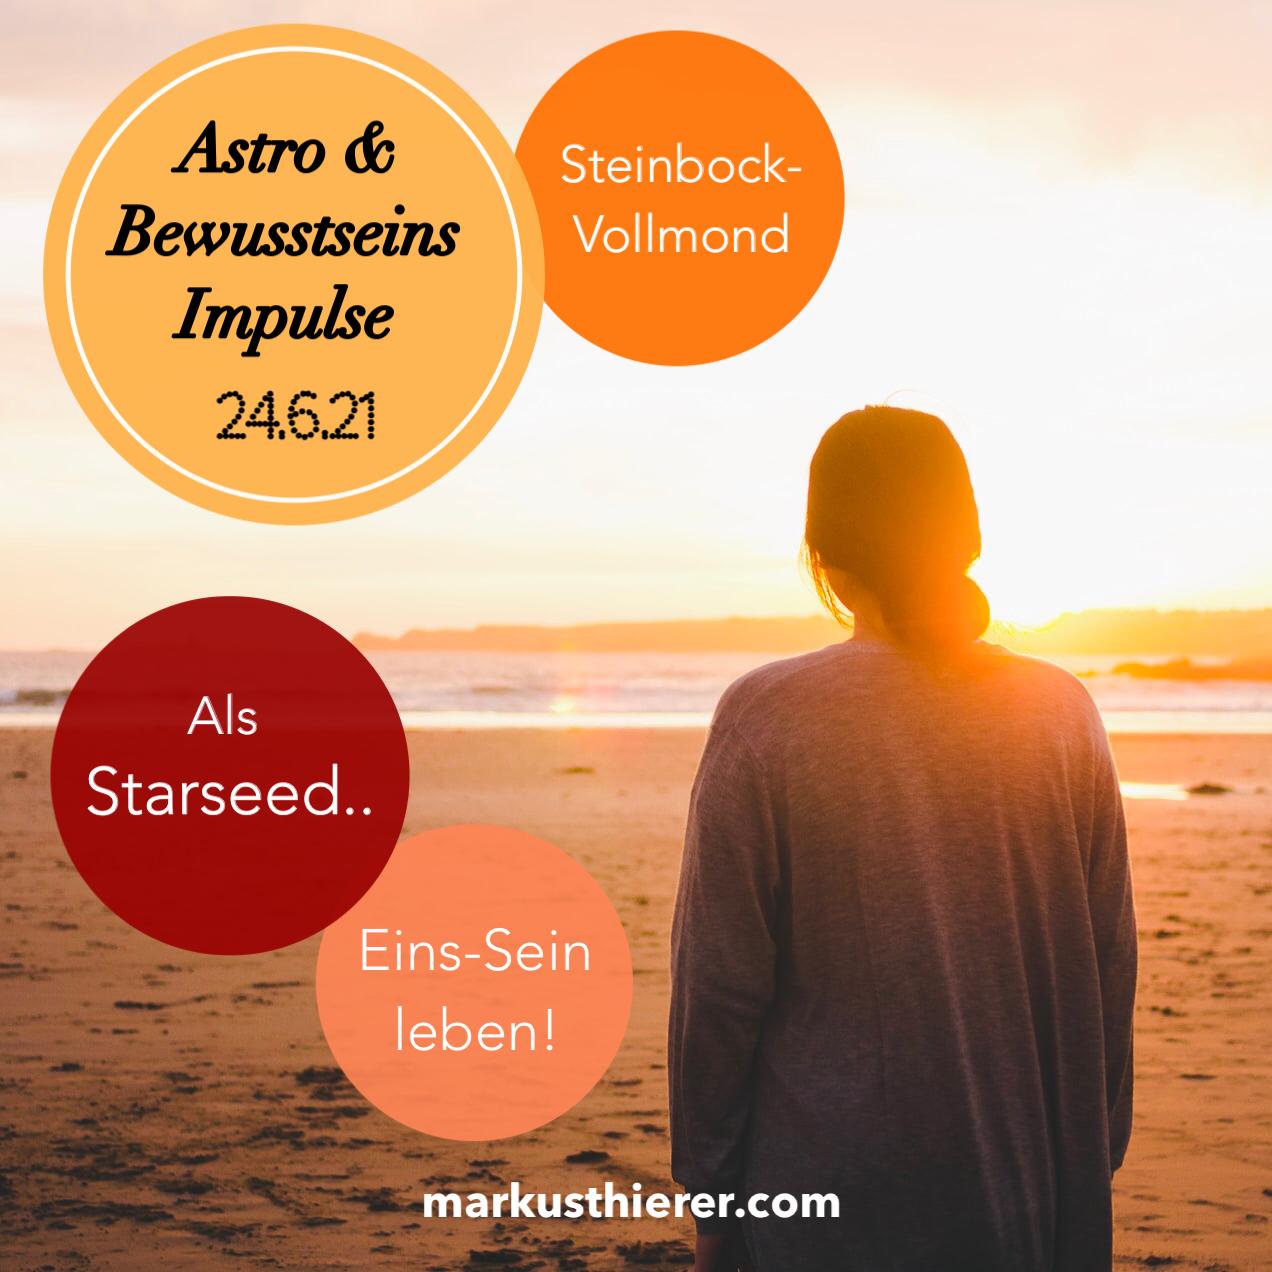 Astro & Bewusstseins Impulse 24.6.21